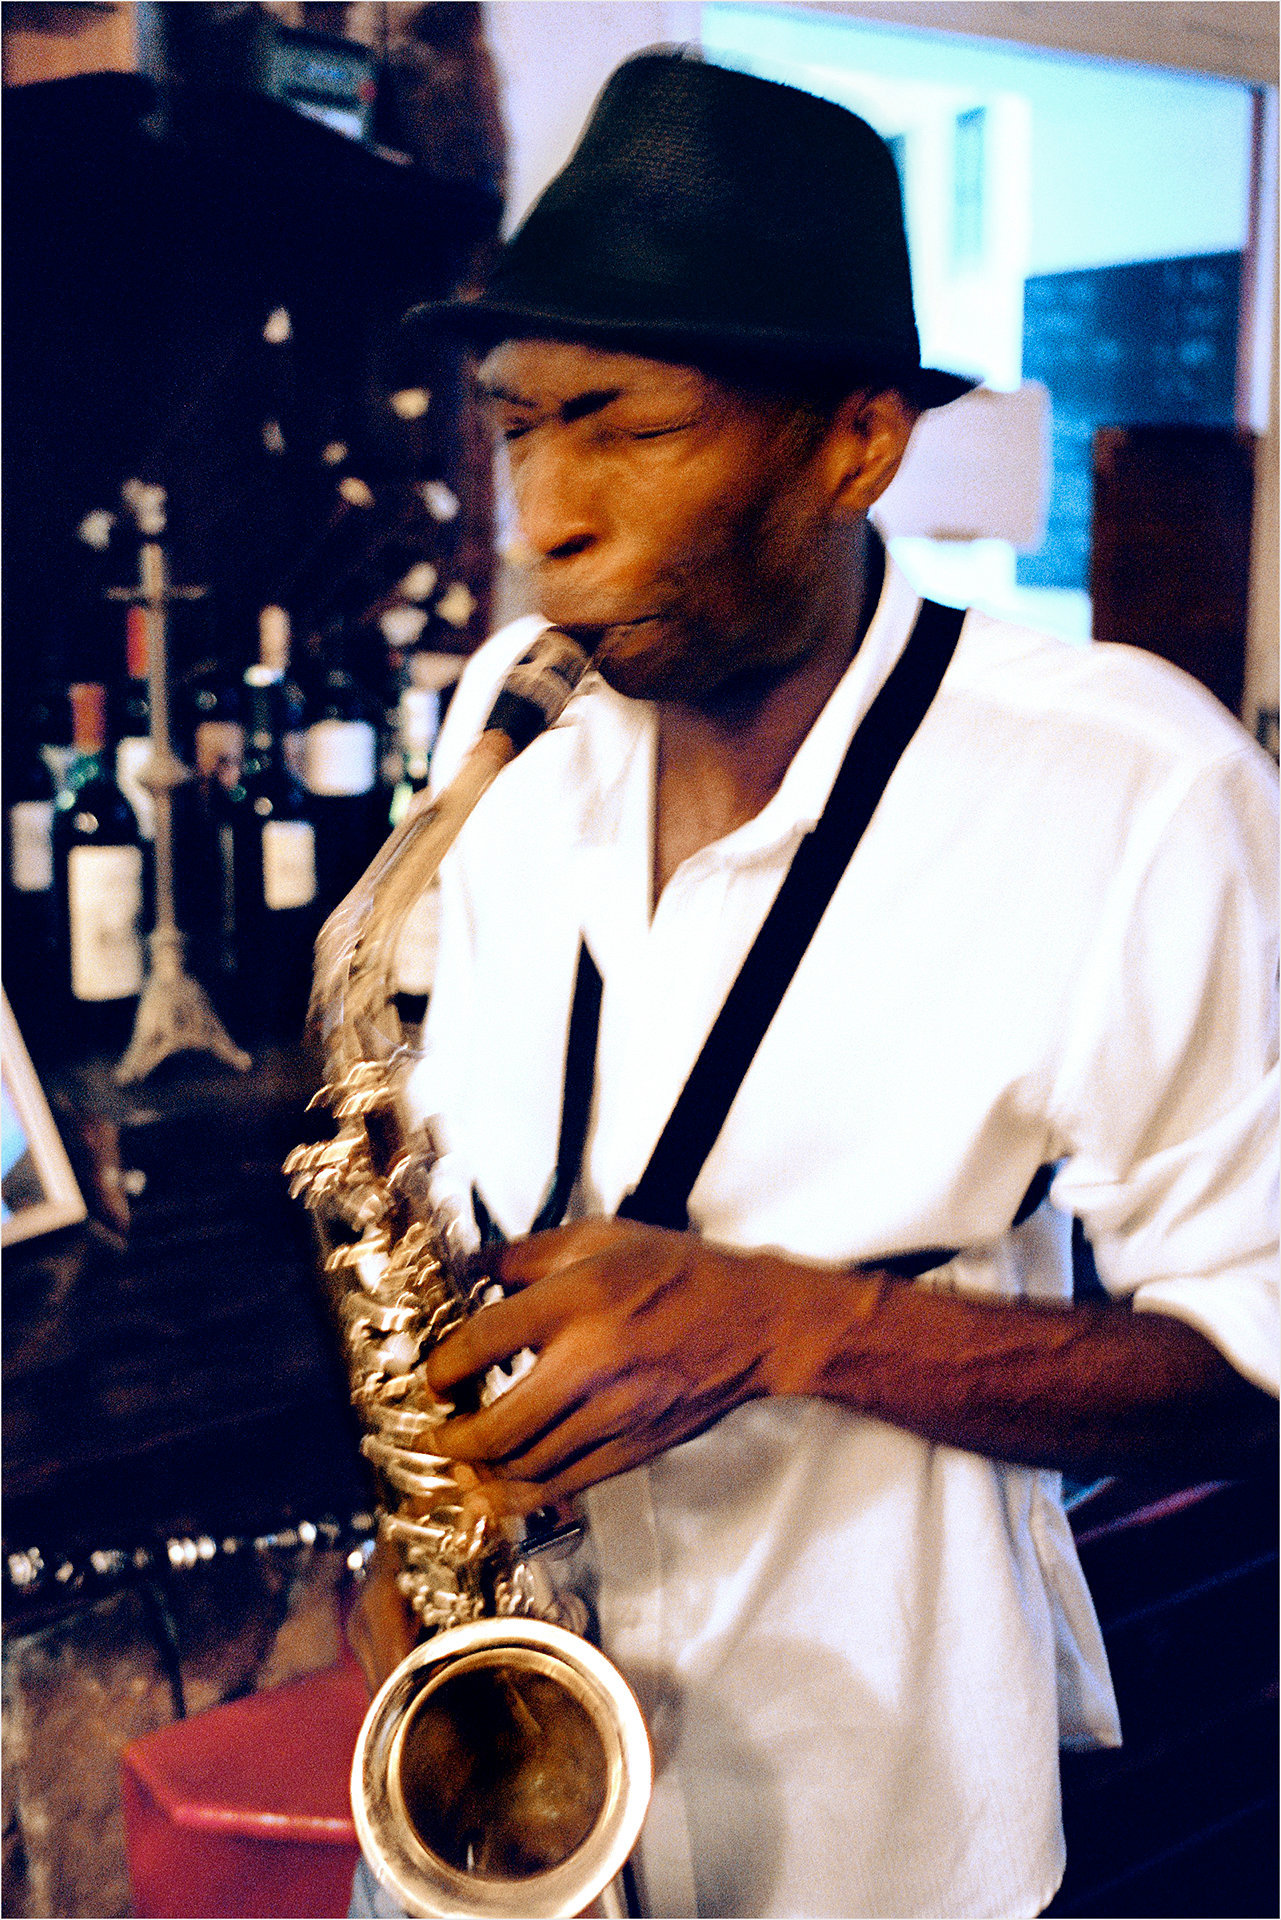 Saxophonist, Abrakadabra Stories